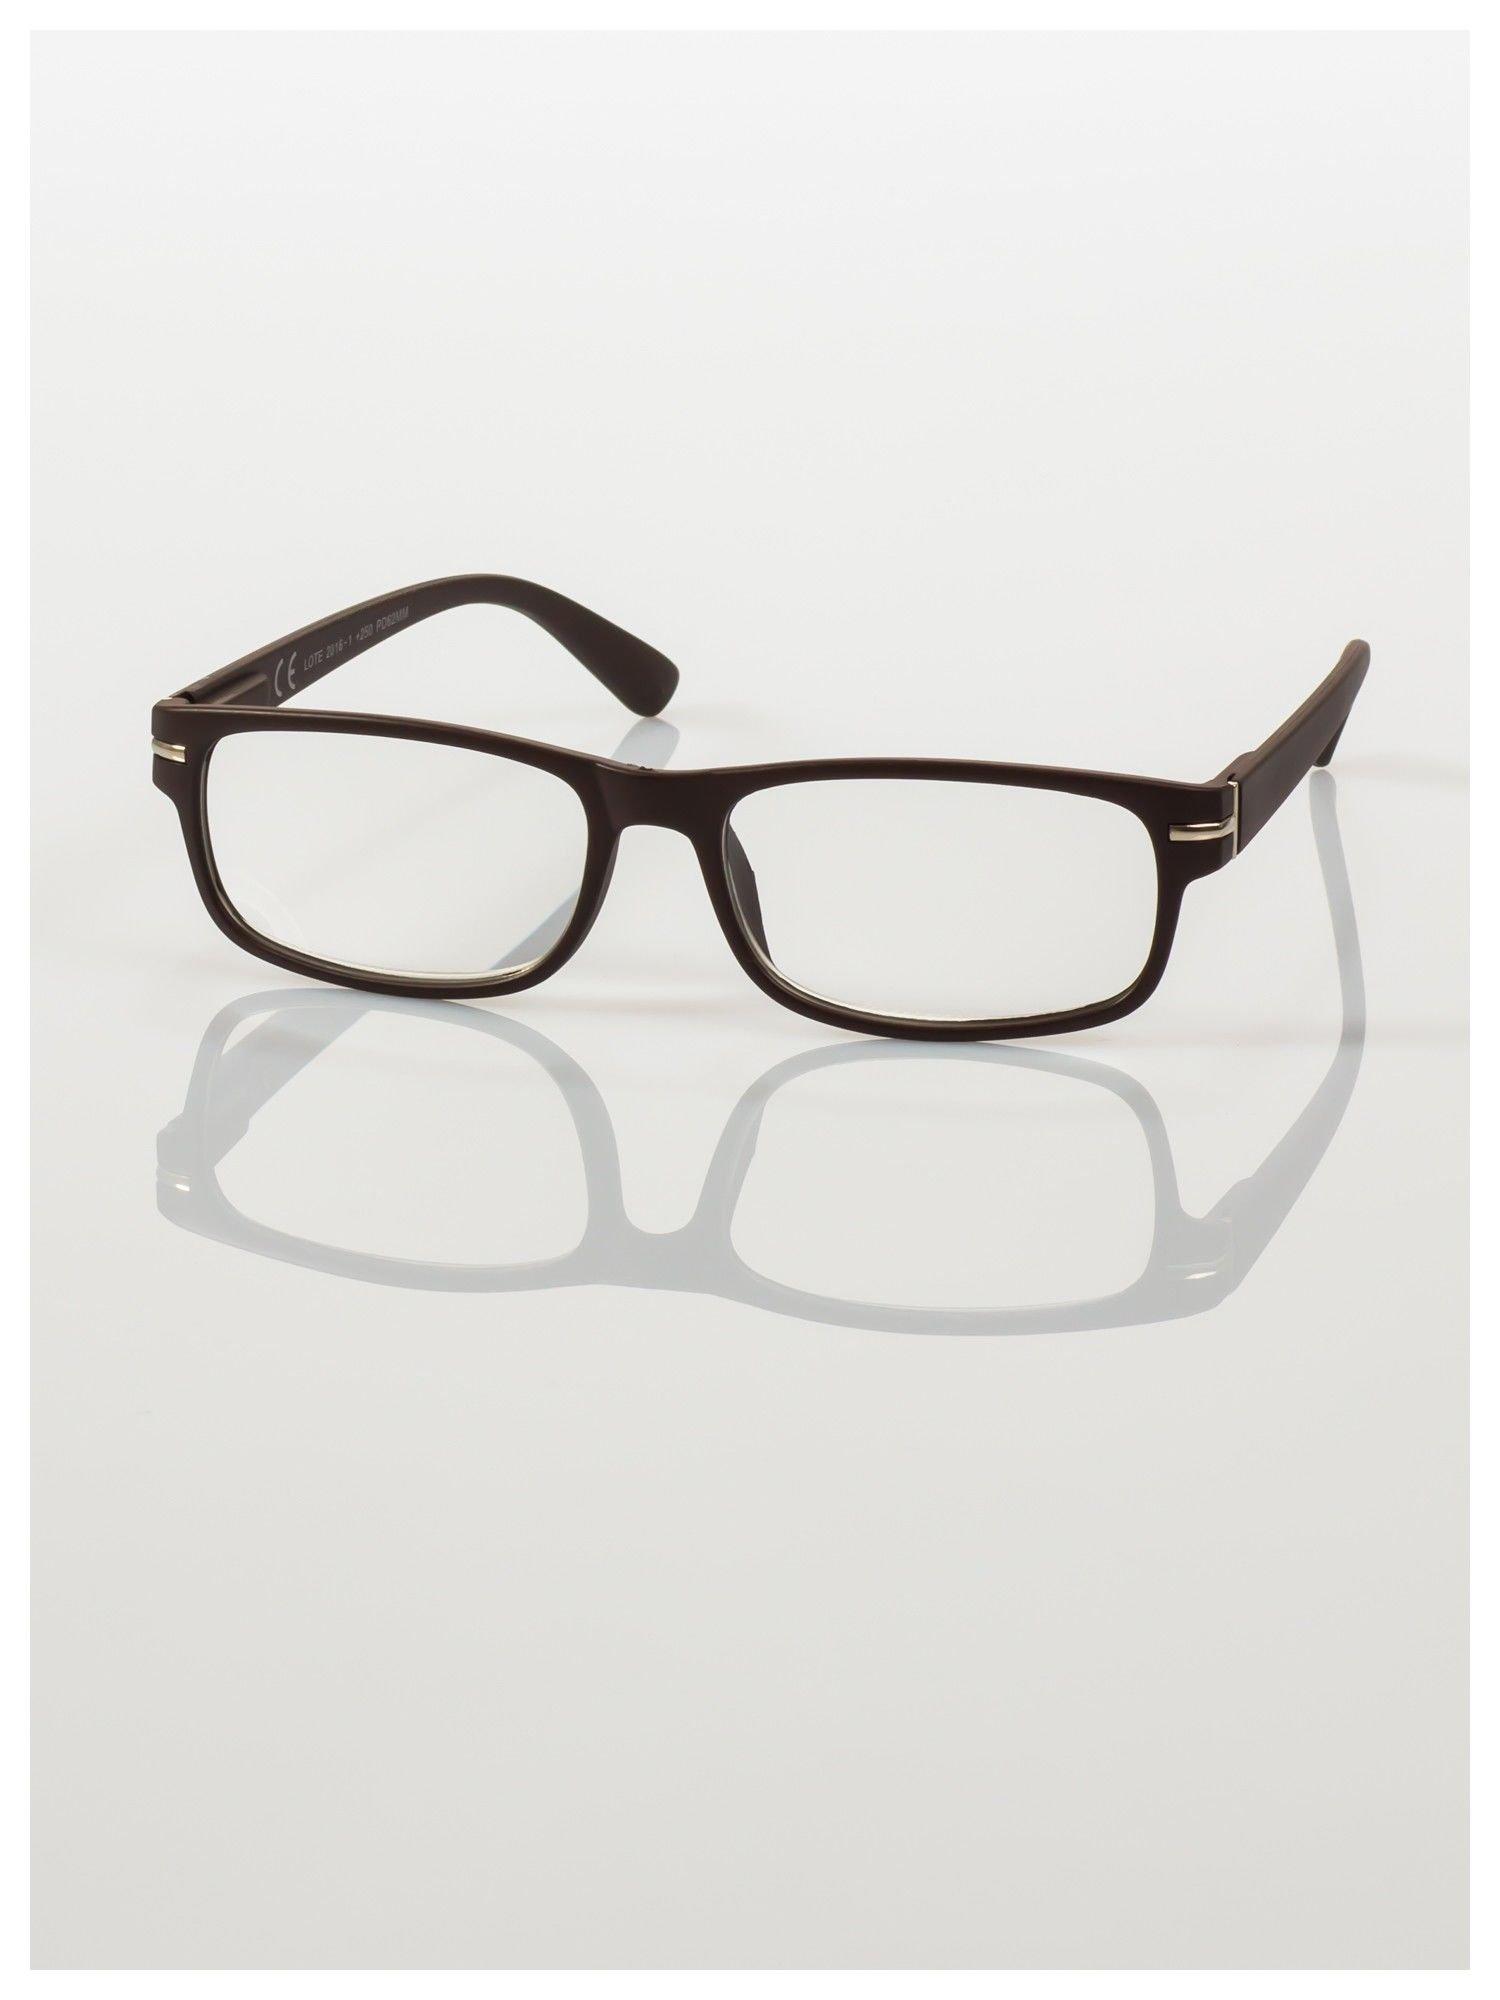 Eleganckie brązowe matowe korekcyjne okulary do czytania +2.0 D  z sytemem FLEX na zausznikach                                  zdj.                                  2